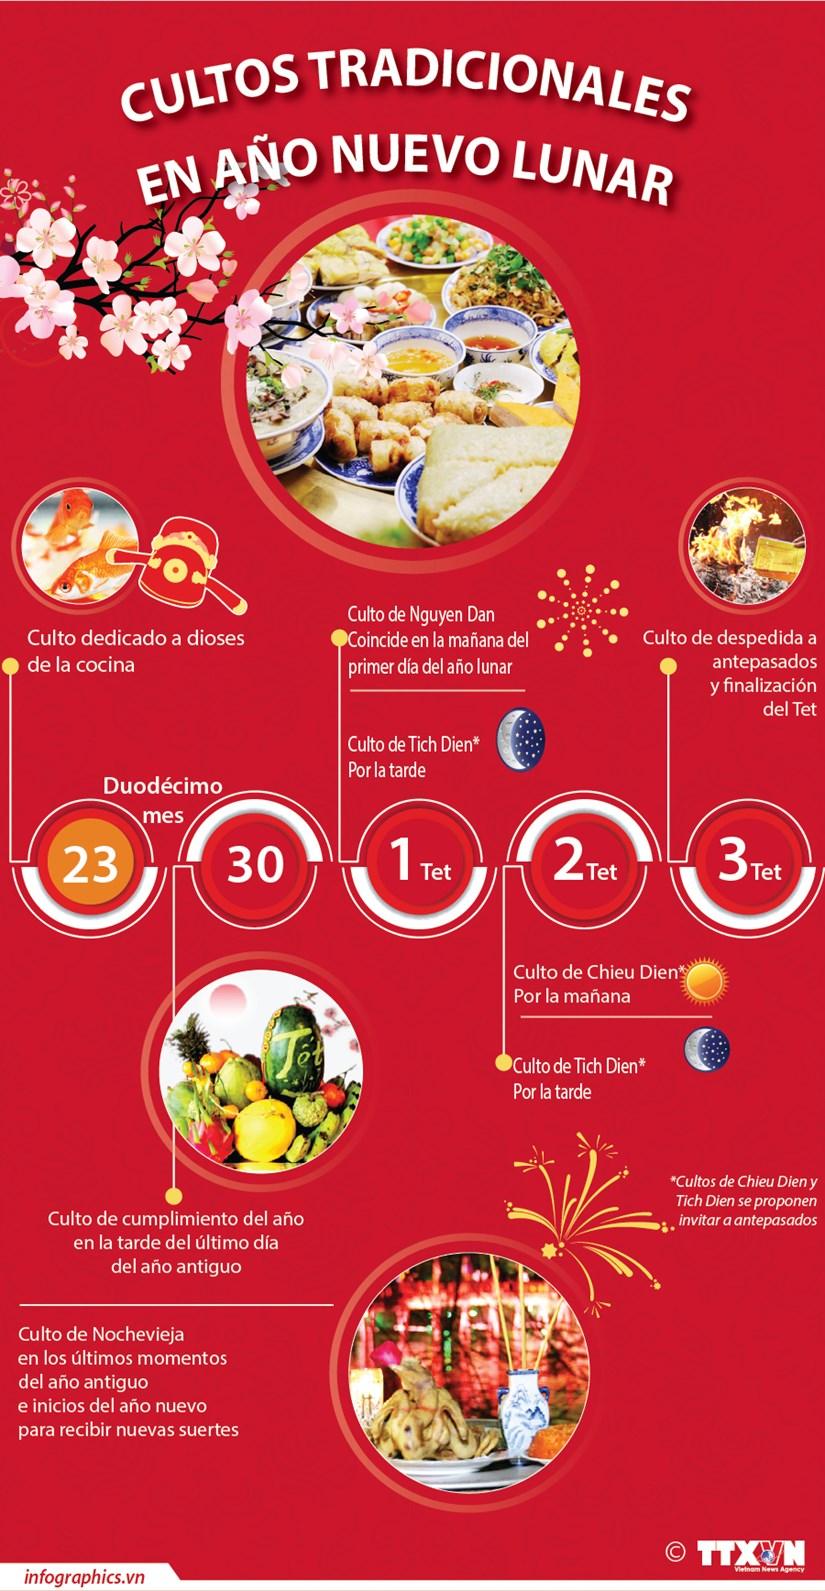 Cultos tradicionales de Vietnam en Ano Nuevo Lunar hinh anh 1